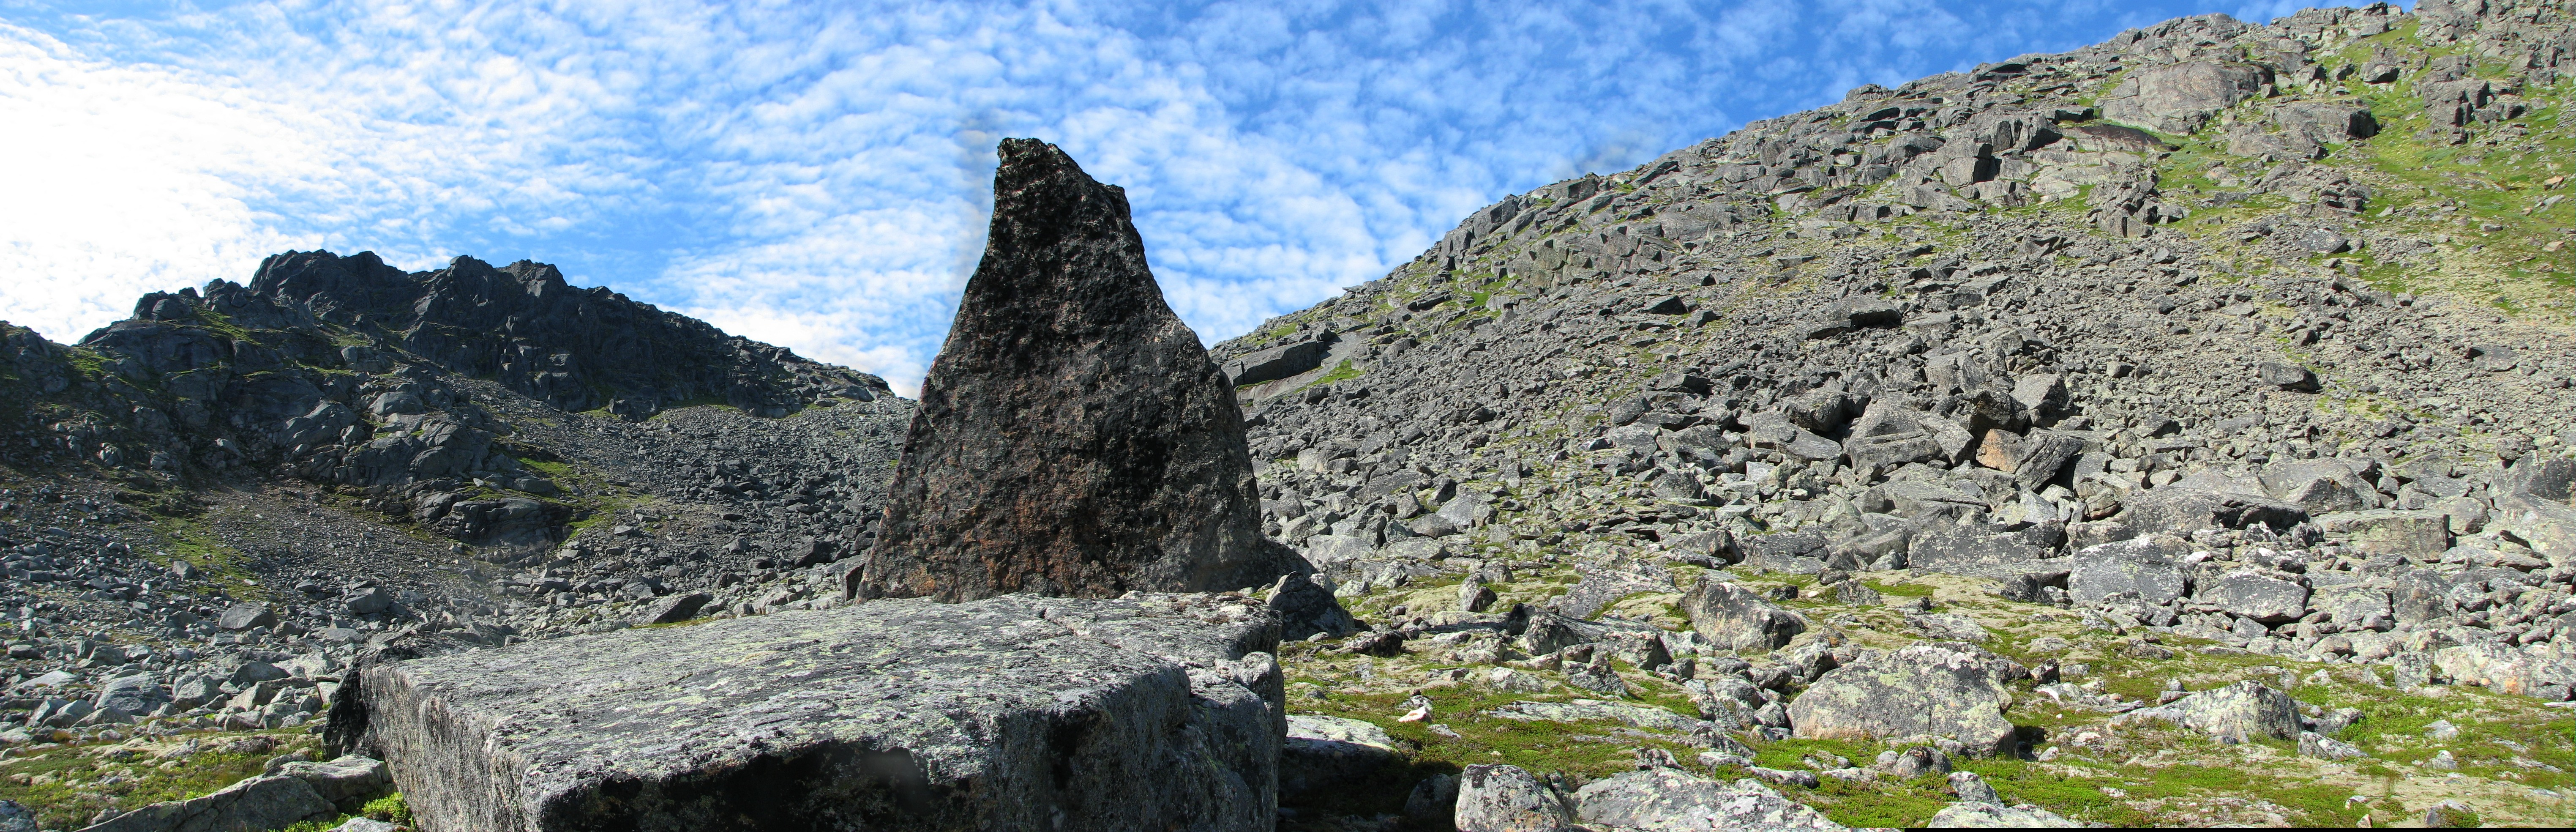 STC_1486-Panorama.JPG